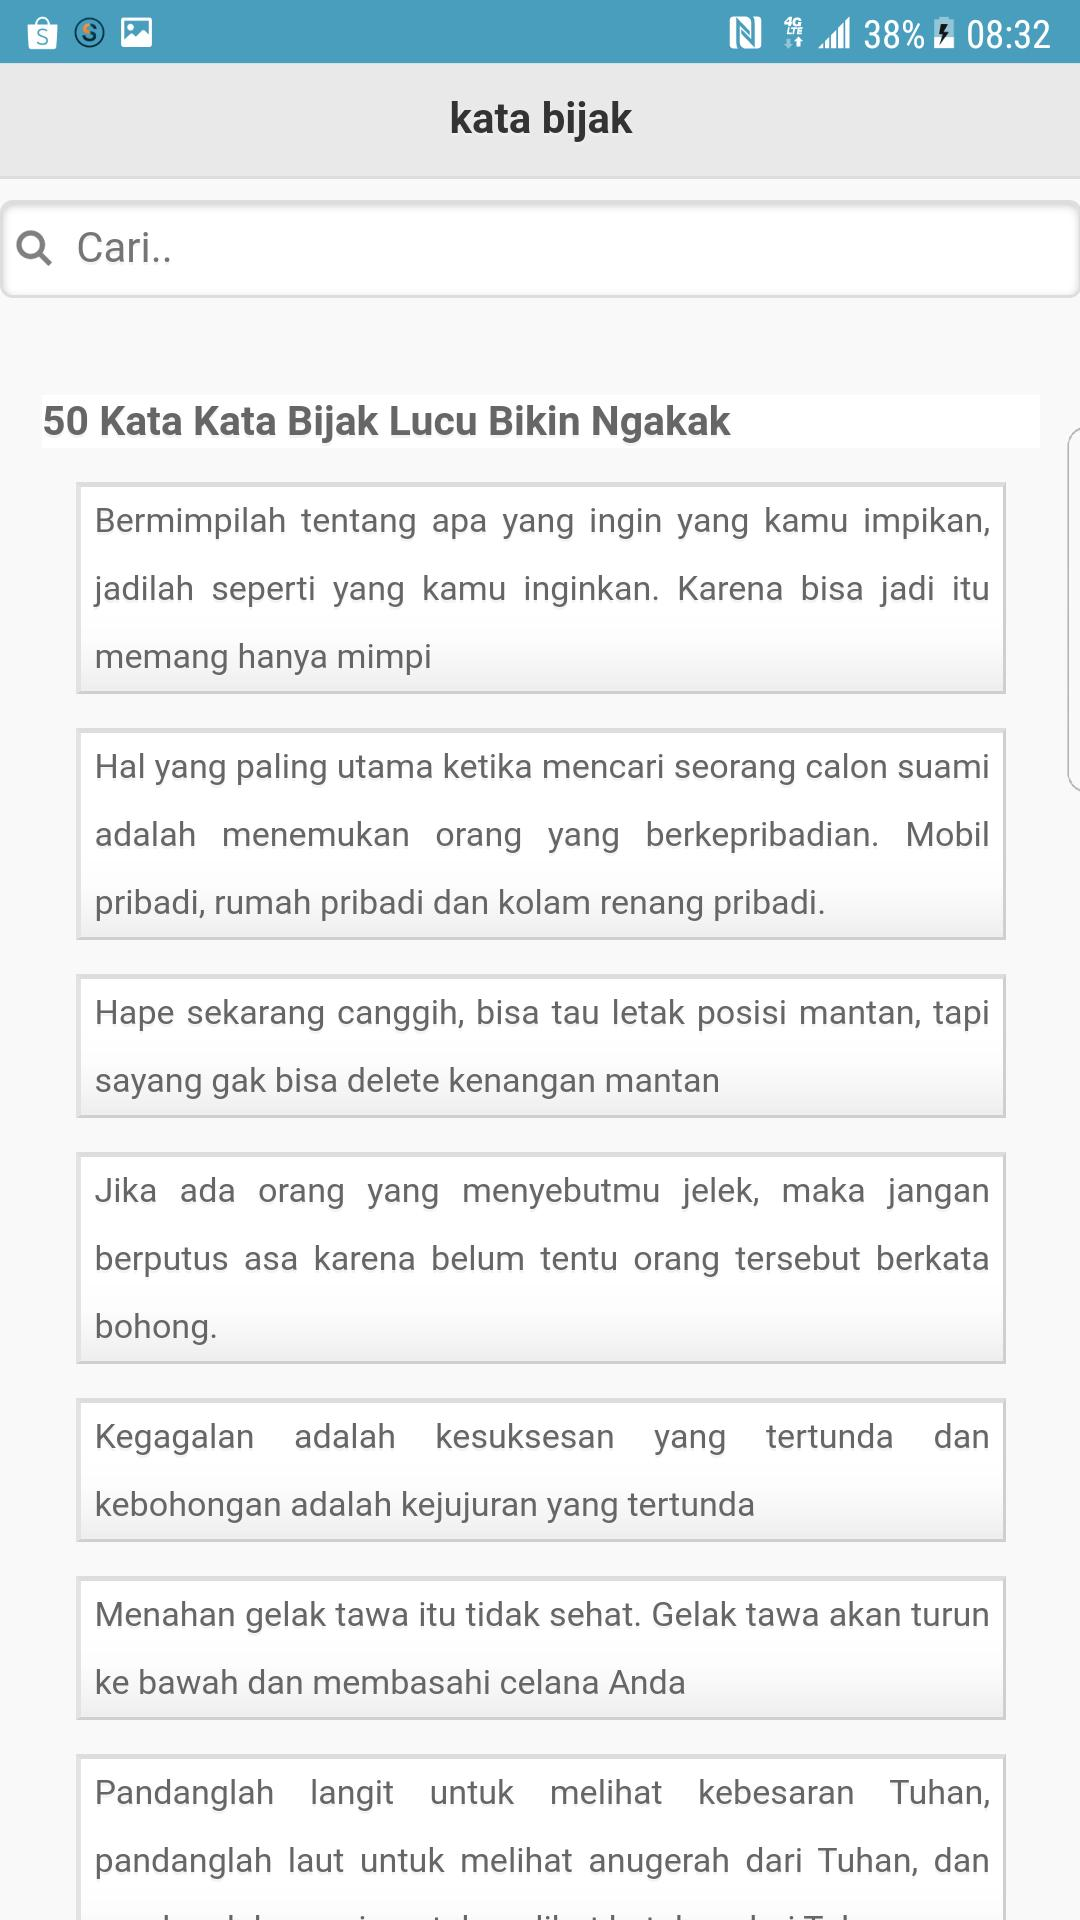 1000 Kata Bijak Sejagat For Android APK Download